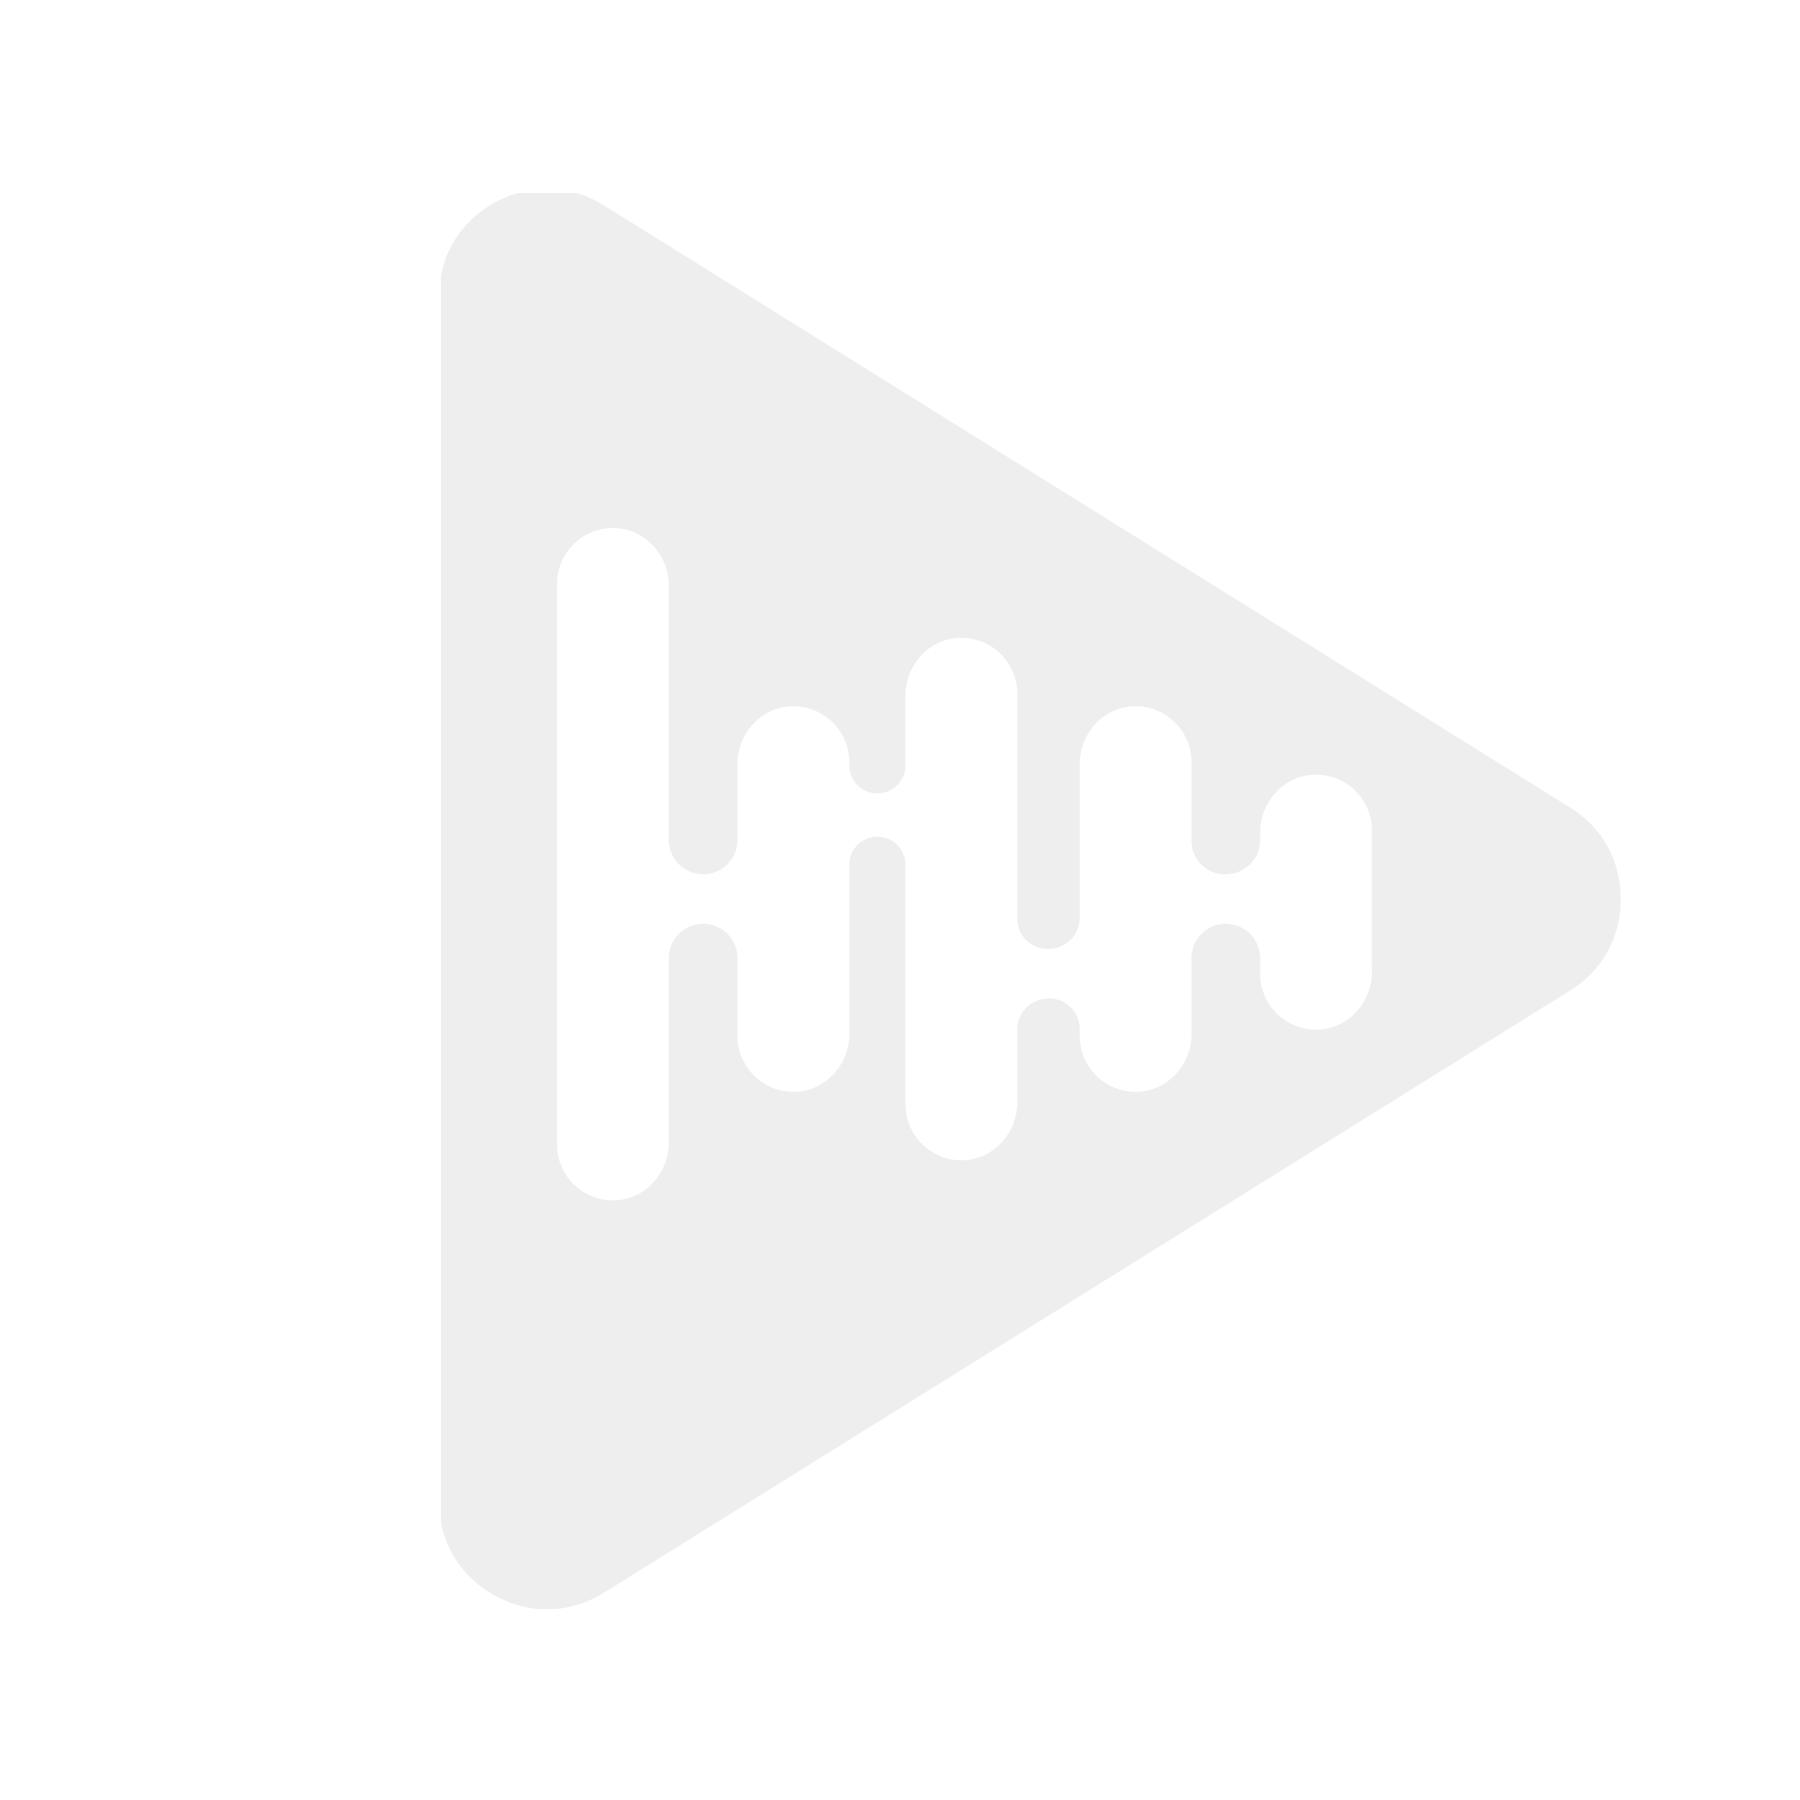 Eton STEALTH 7.1 BMW-HIFI